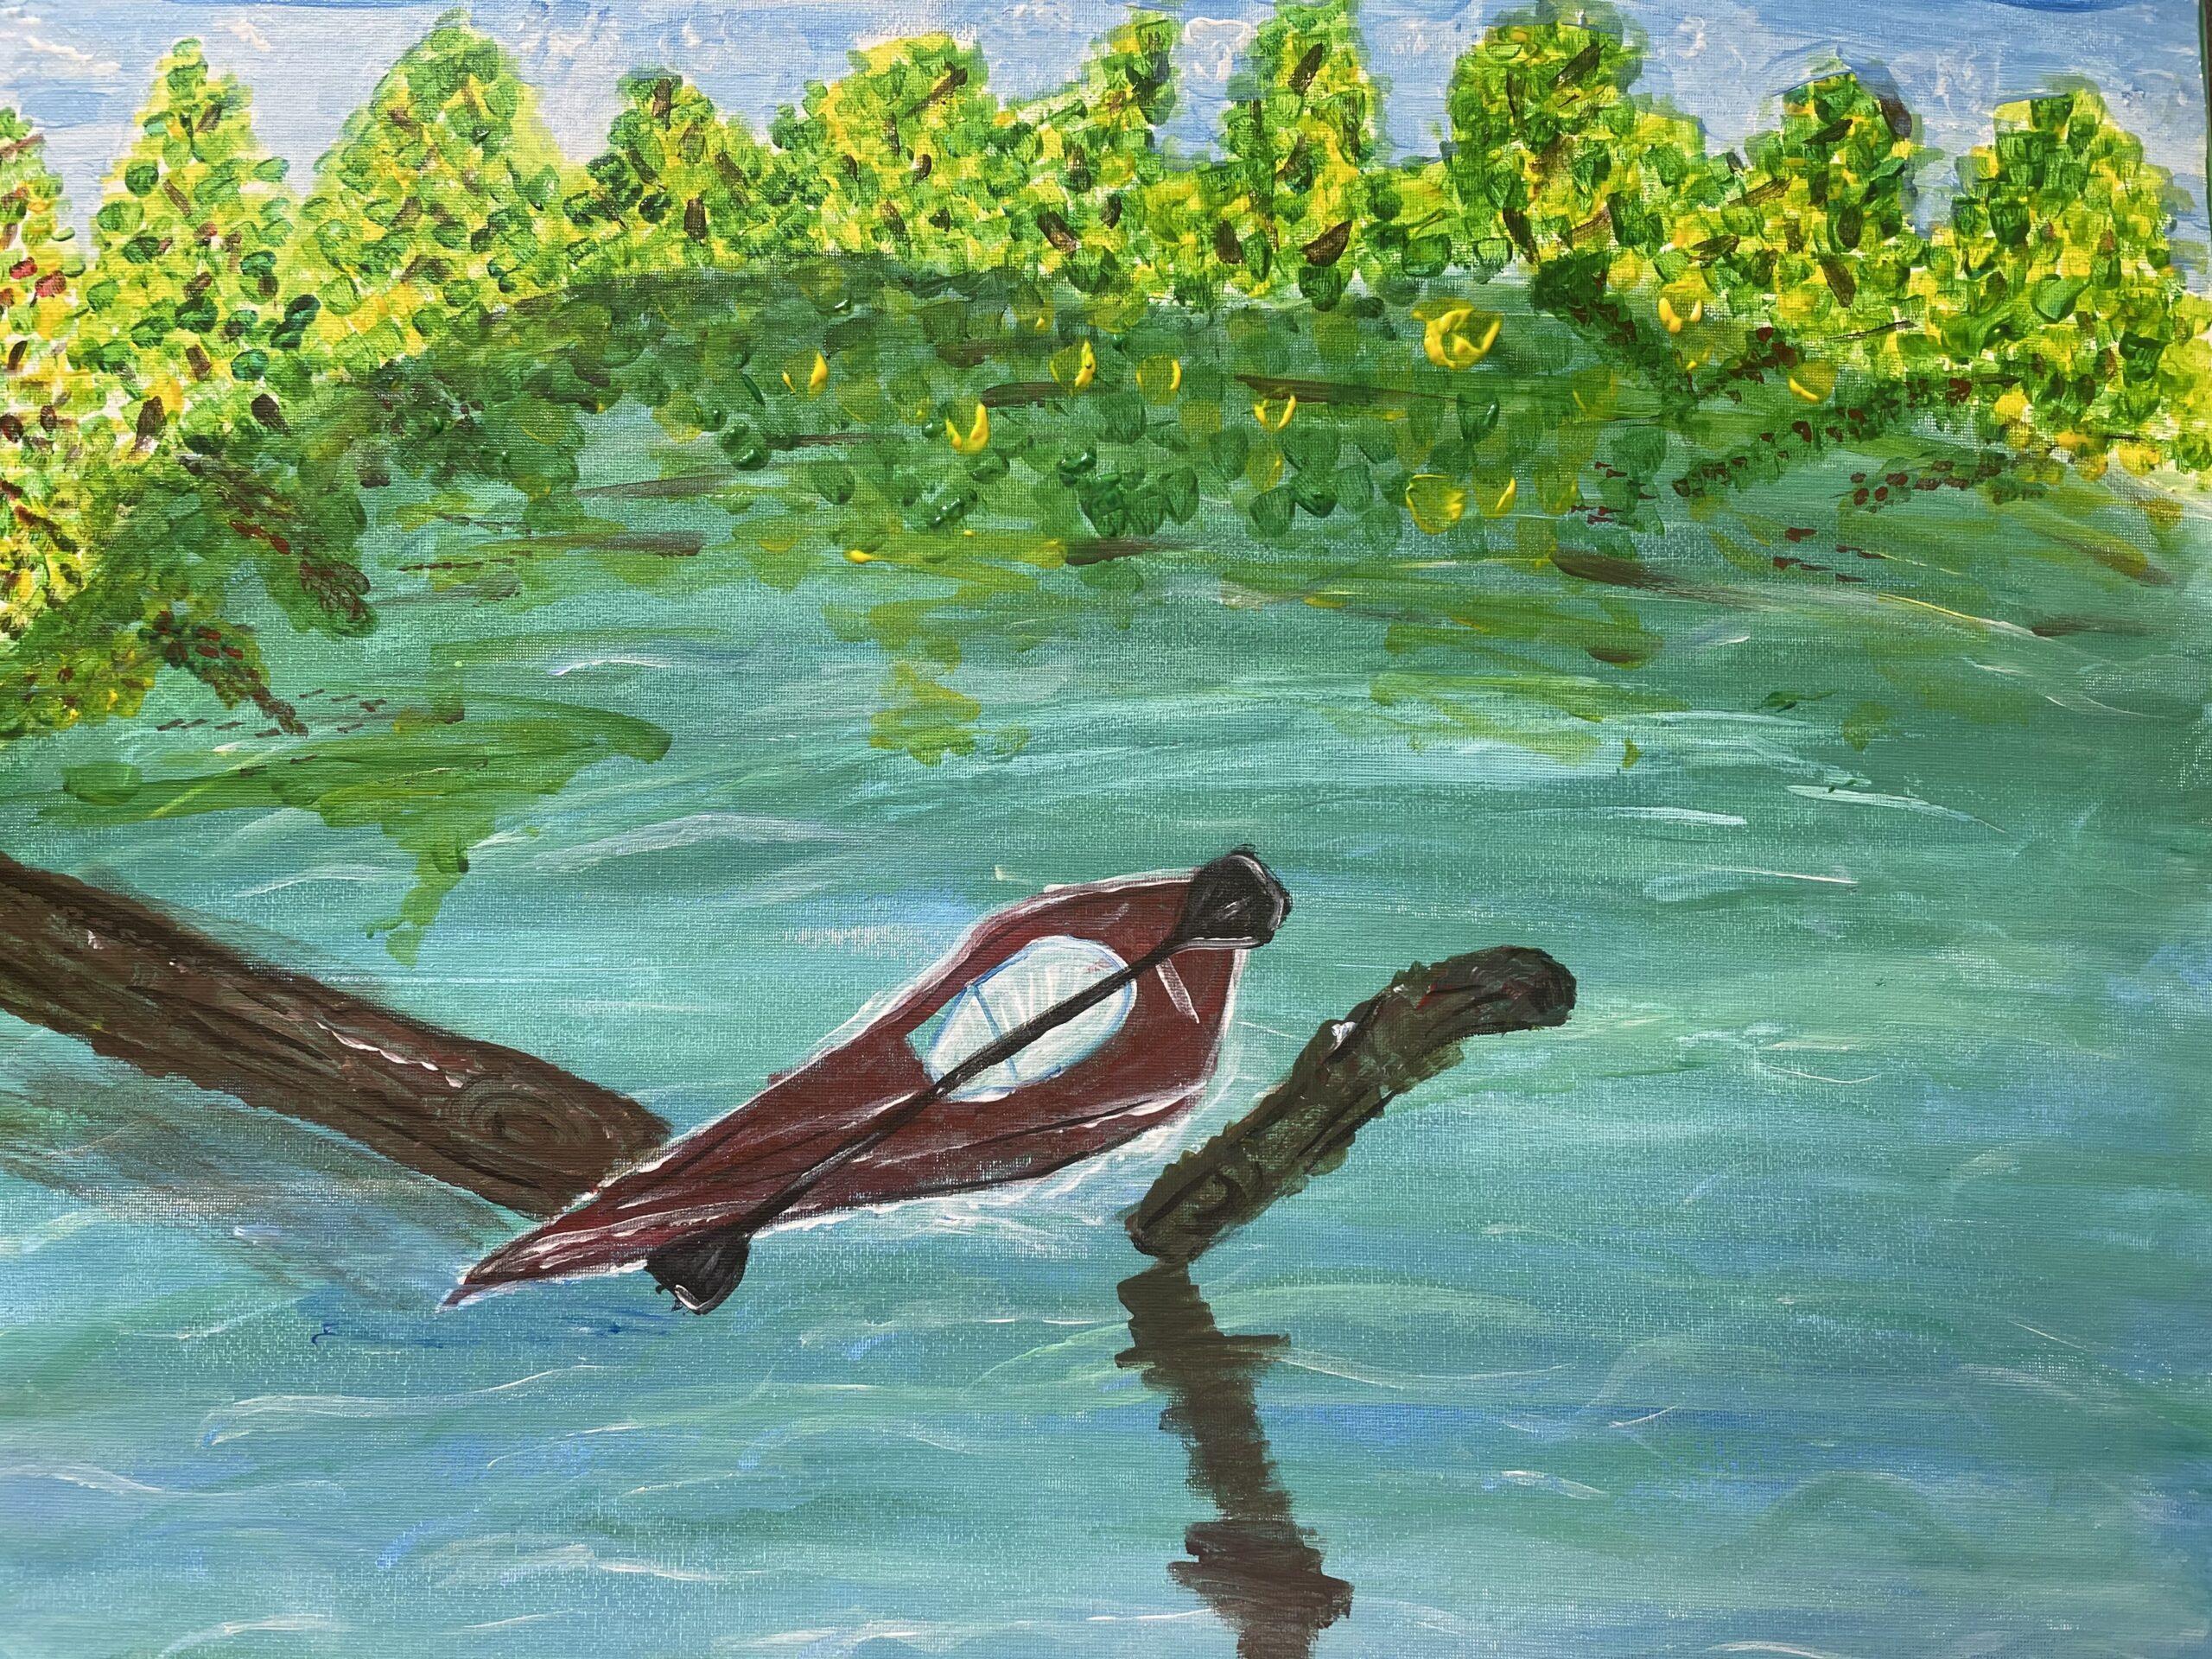 Kayak at Al Zorah Mangroves by Nishka Aggarwal